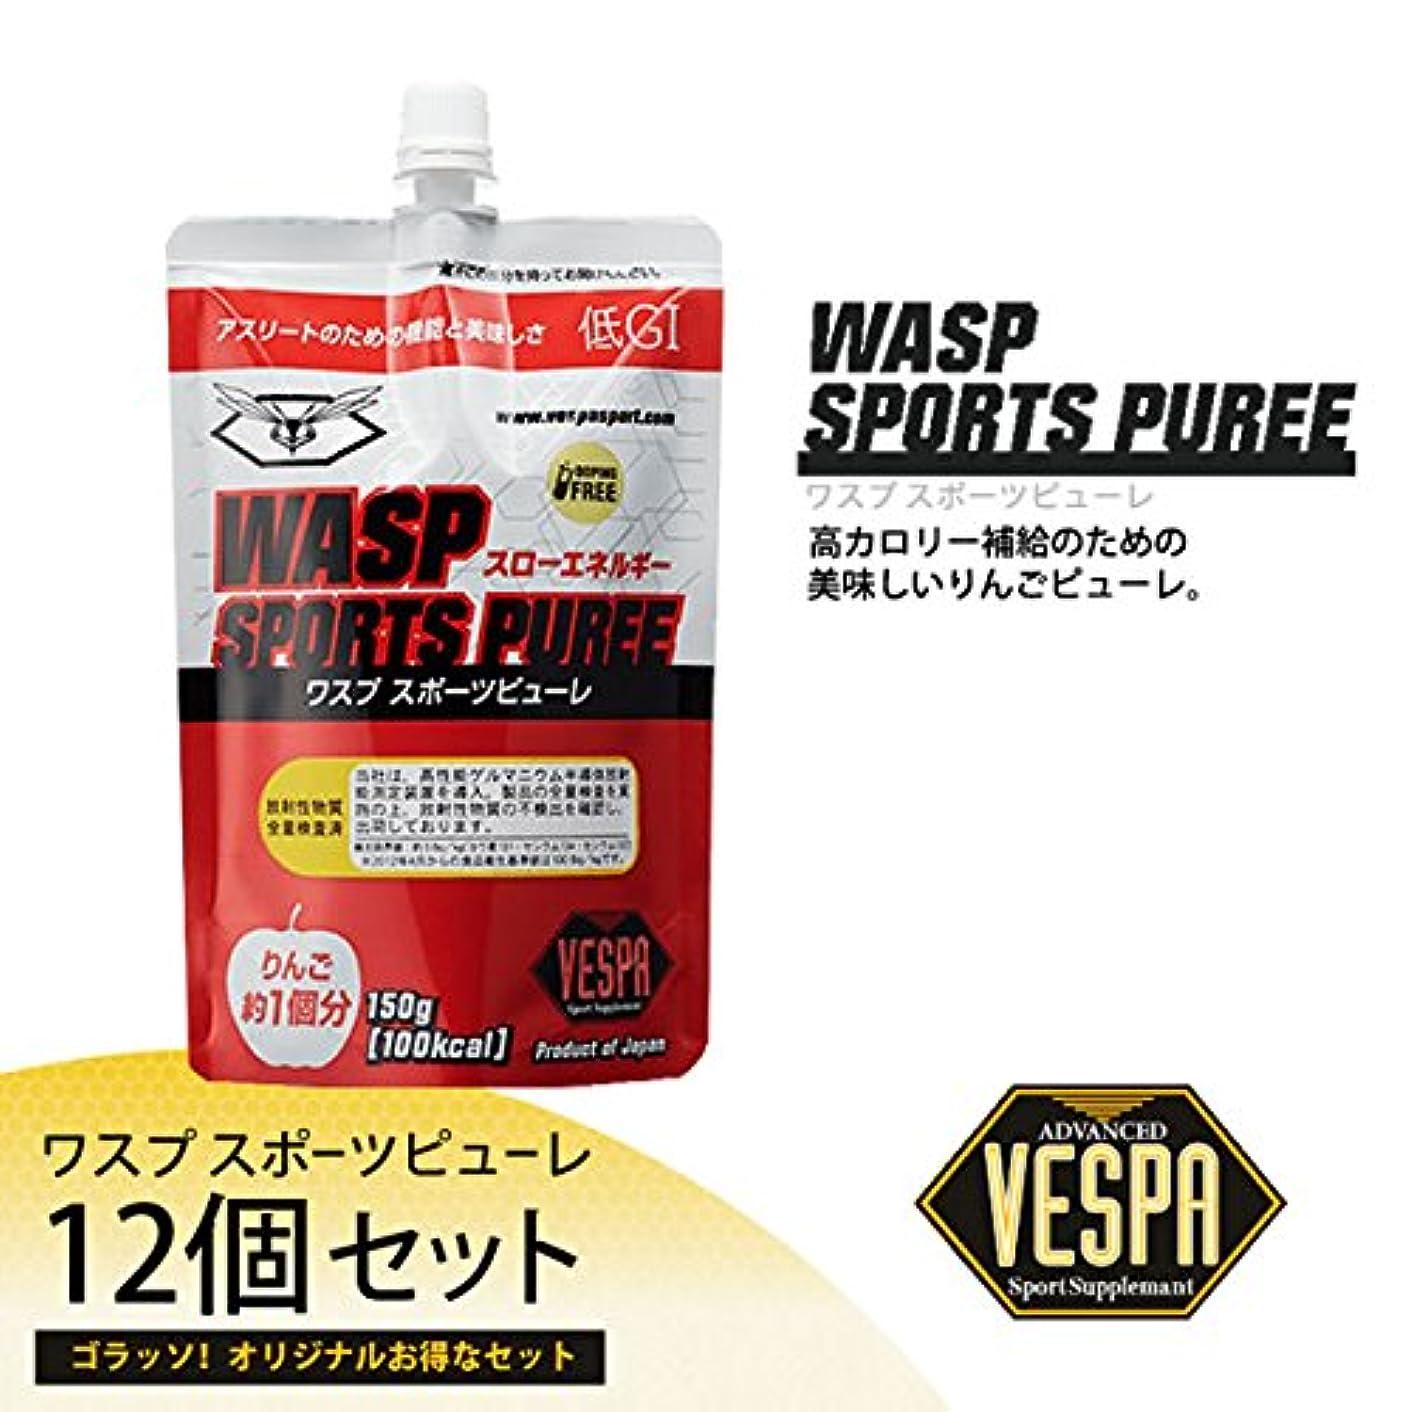 ヒゲ誇りに思うカブVESPA(べスパ) WASP SPORTS PUREE(ワスプ スポーツピューレ) 150ml ×12個